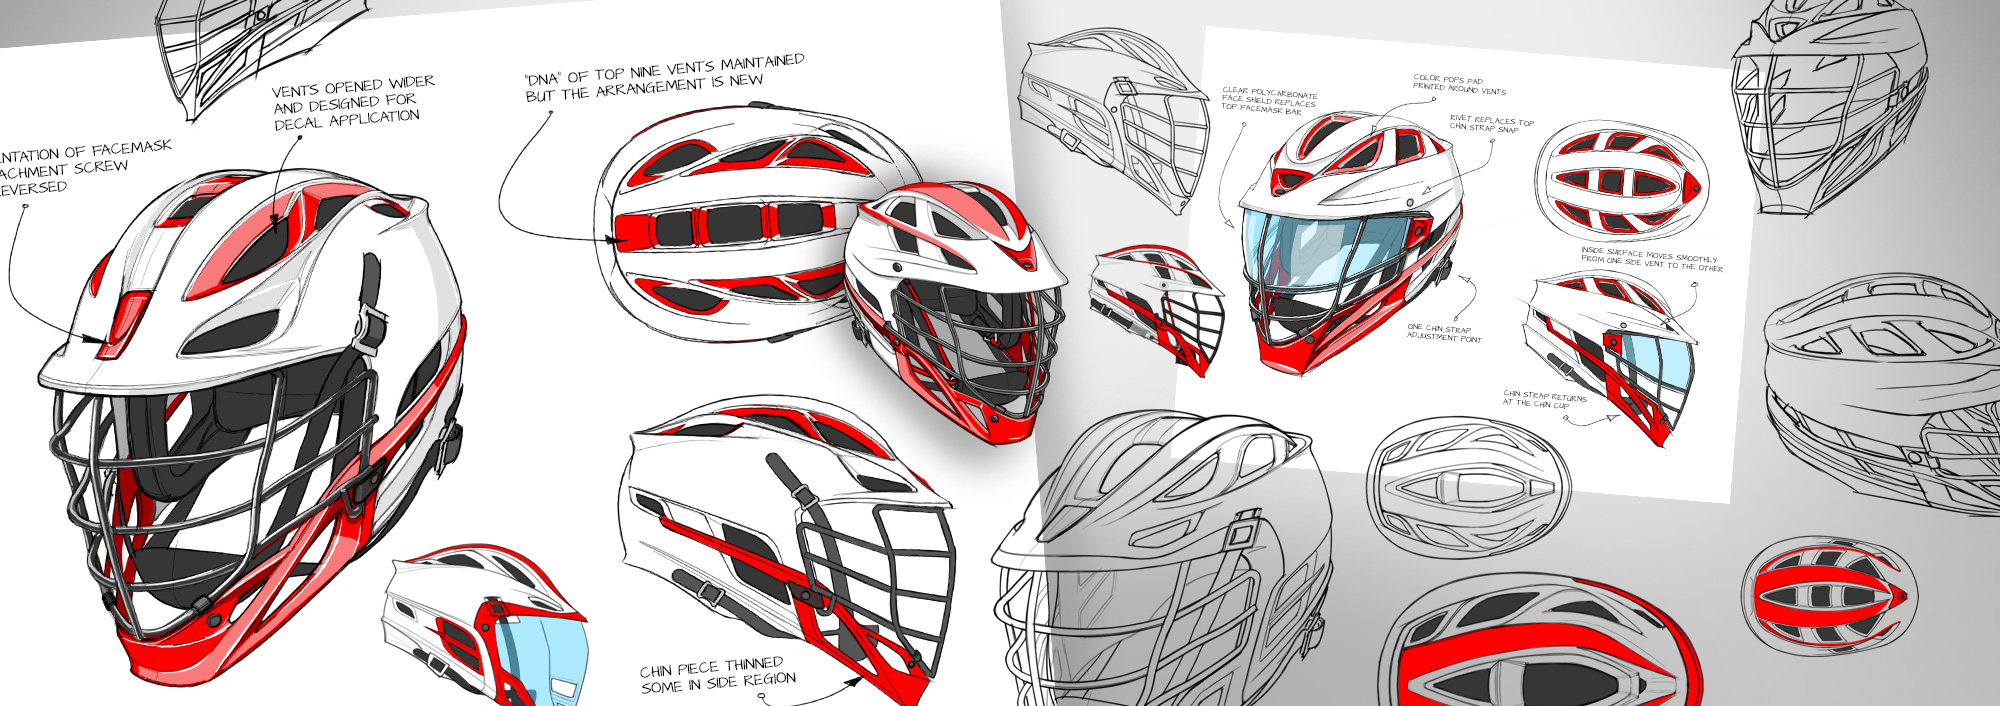 Cascade-Men's-Helmet_2000_02a